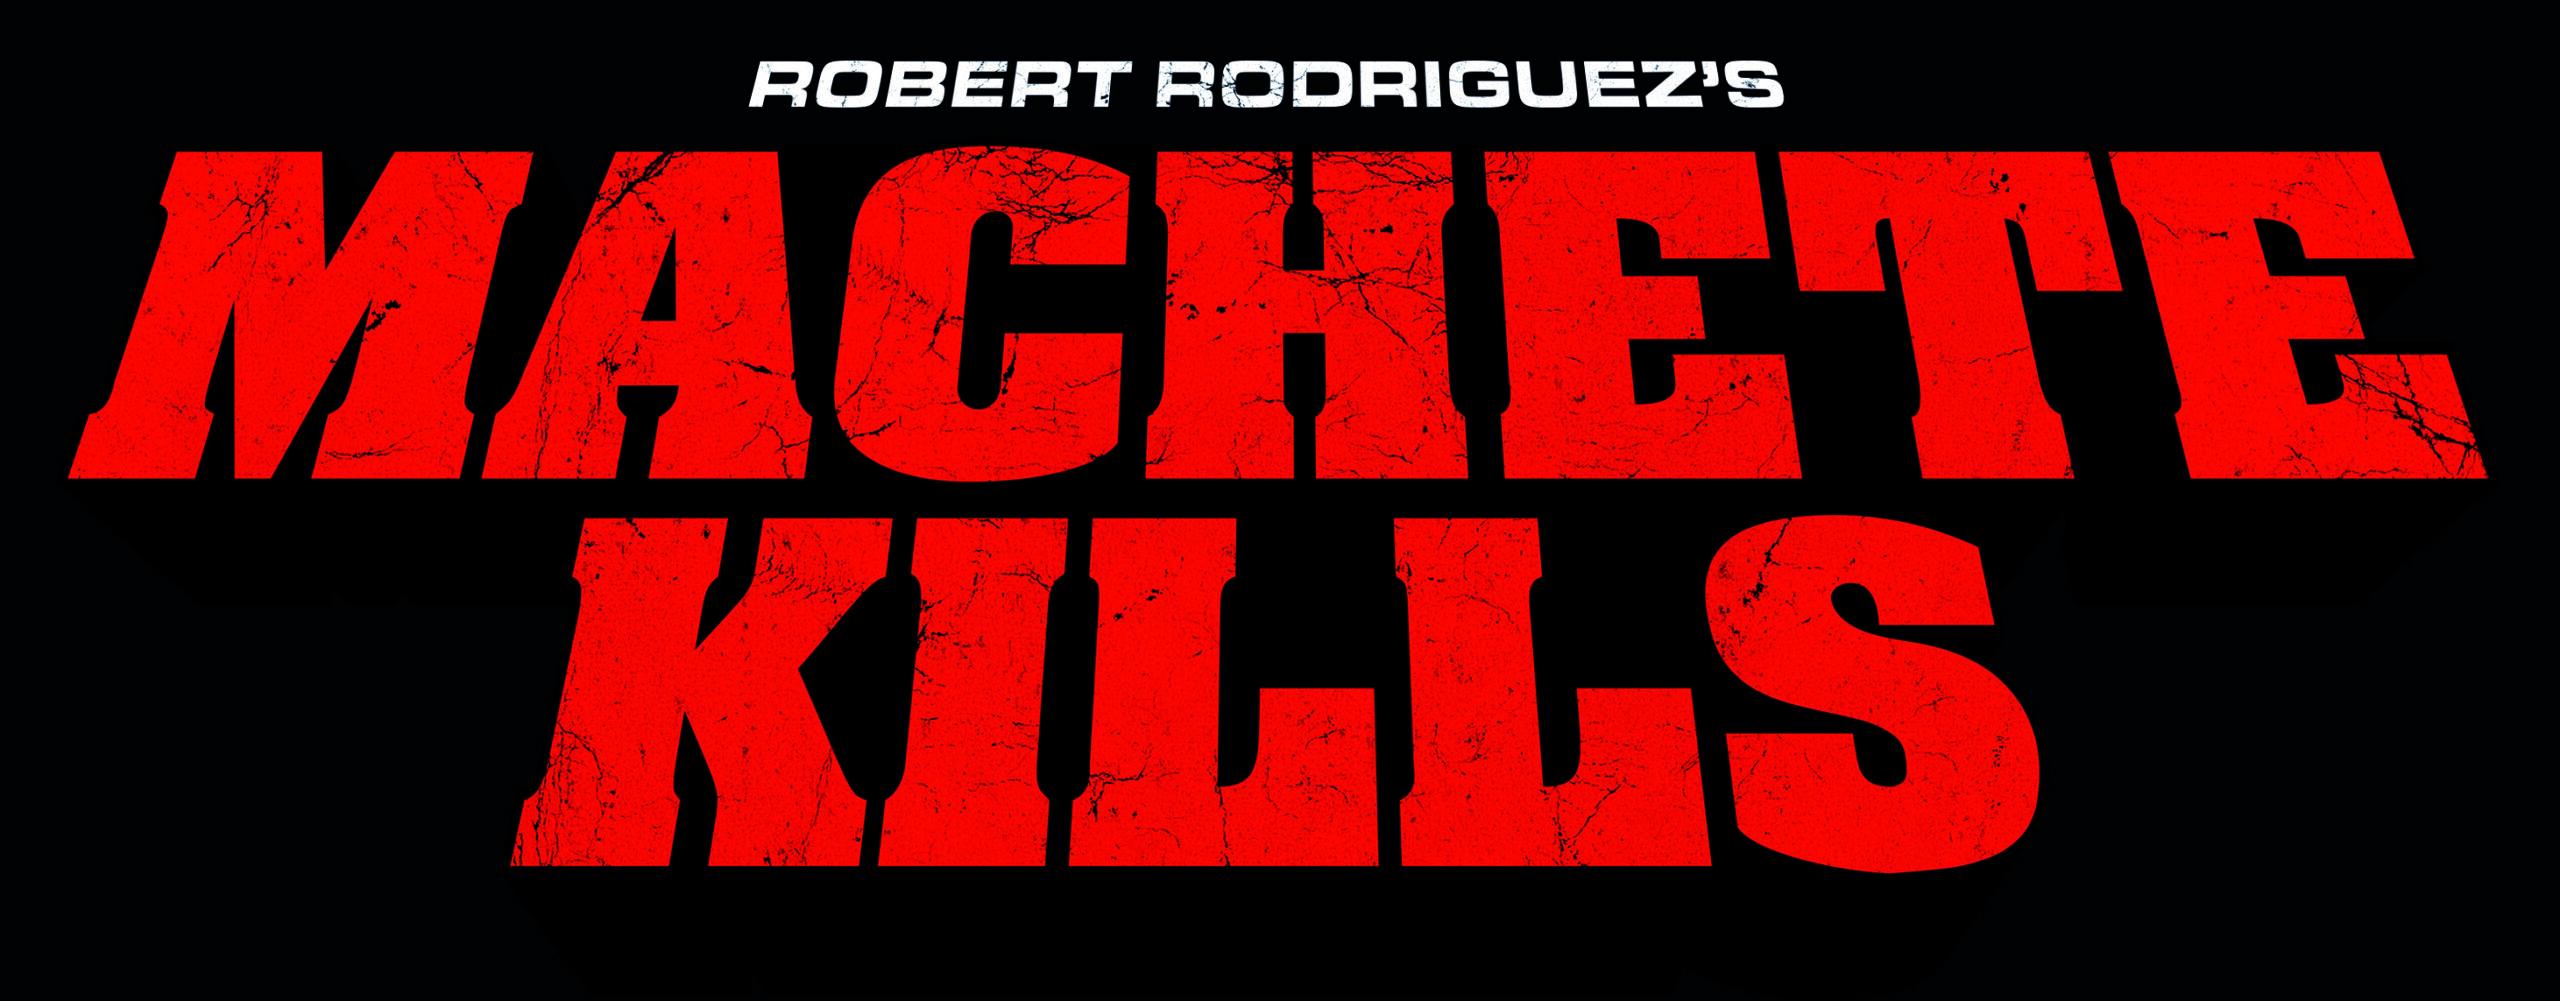 Machete_Kills_uncut_Titelschriftzug_01